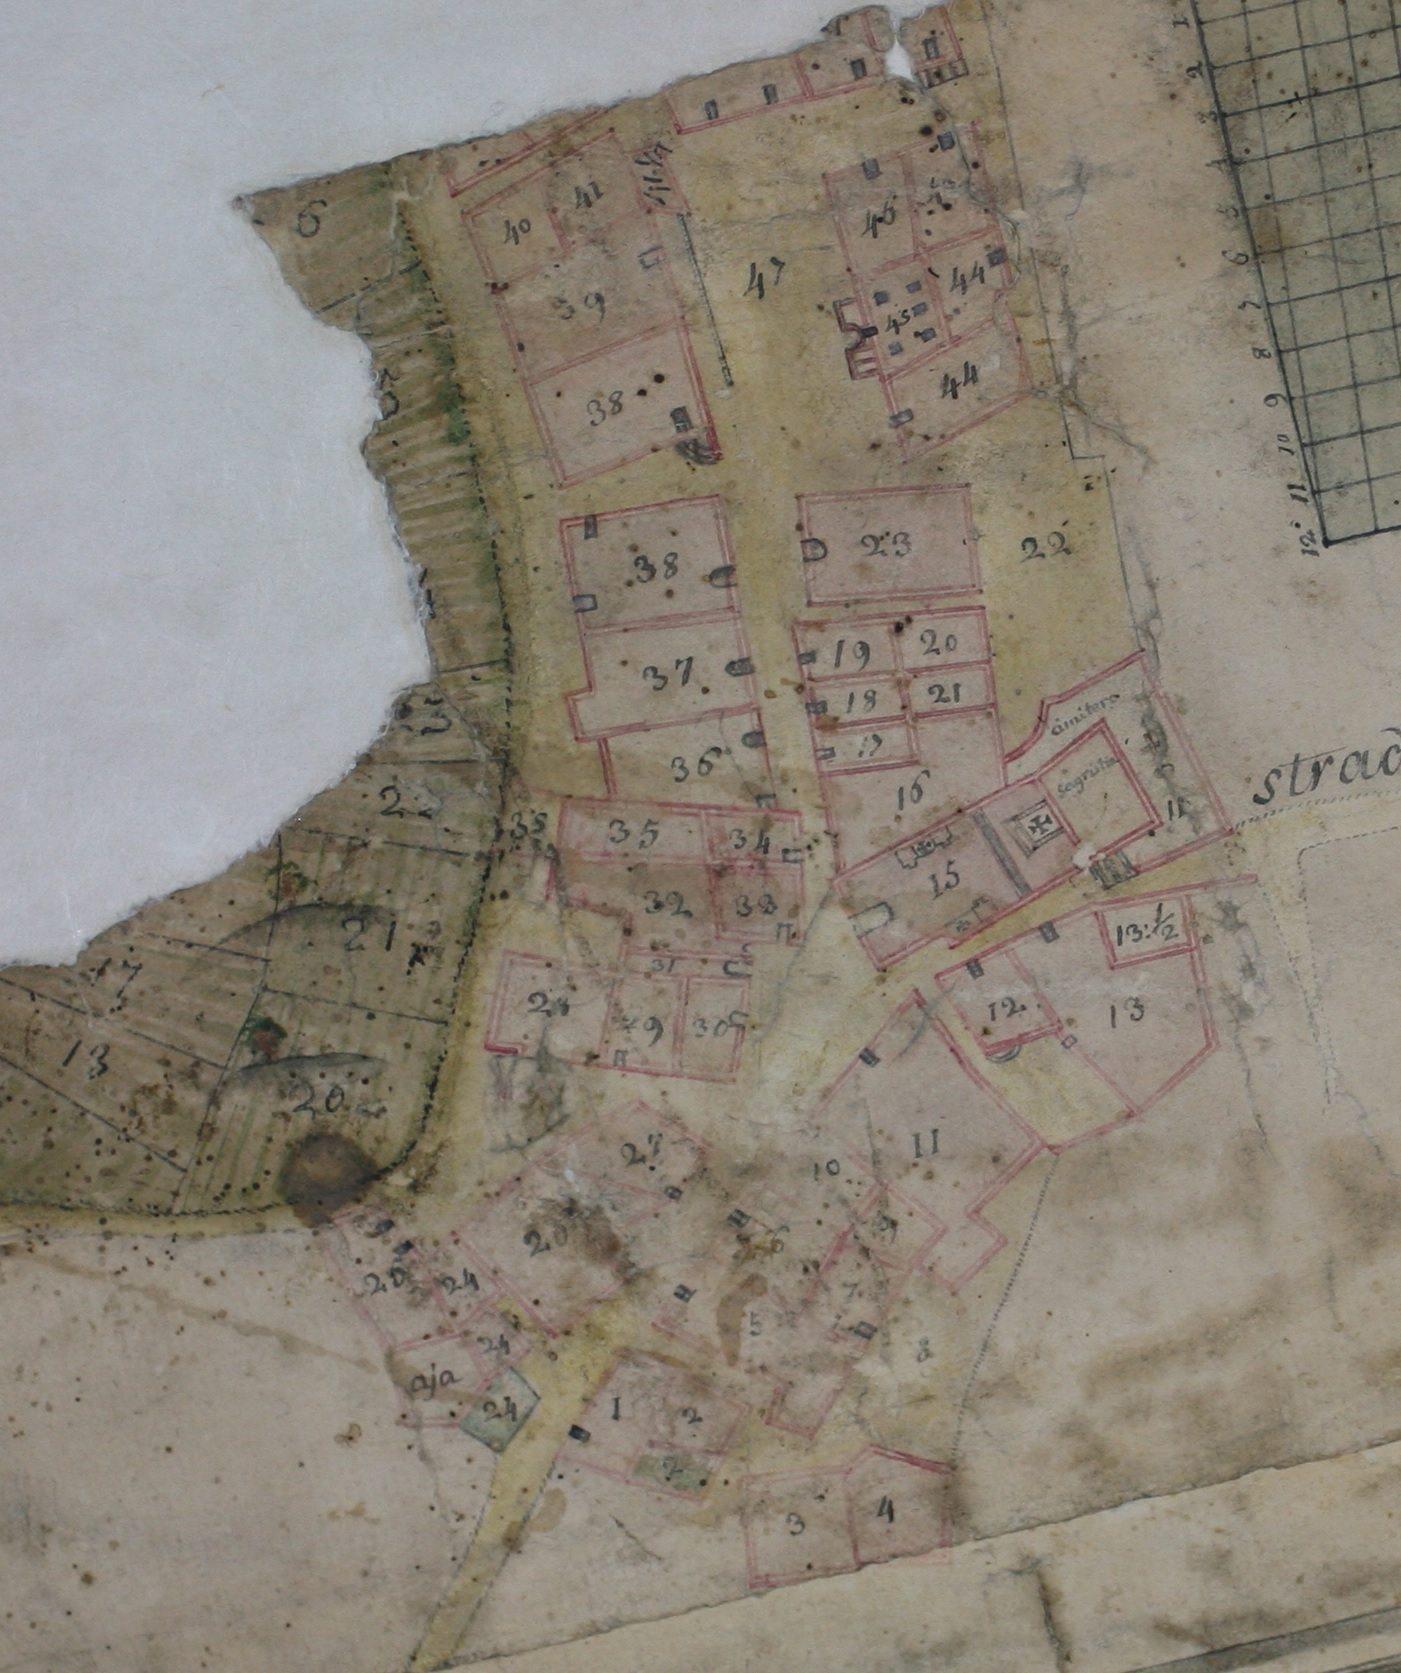 Plan du village comportant la numérotation des maisons.(D. R.)